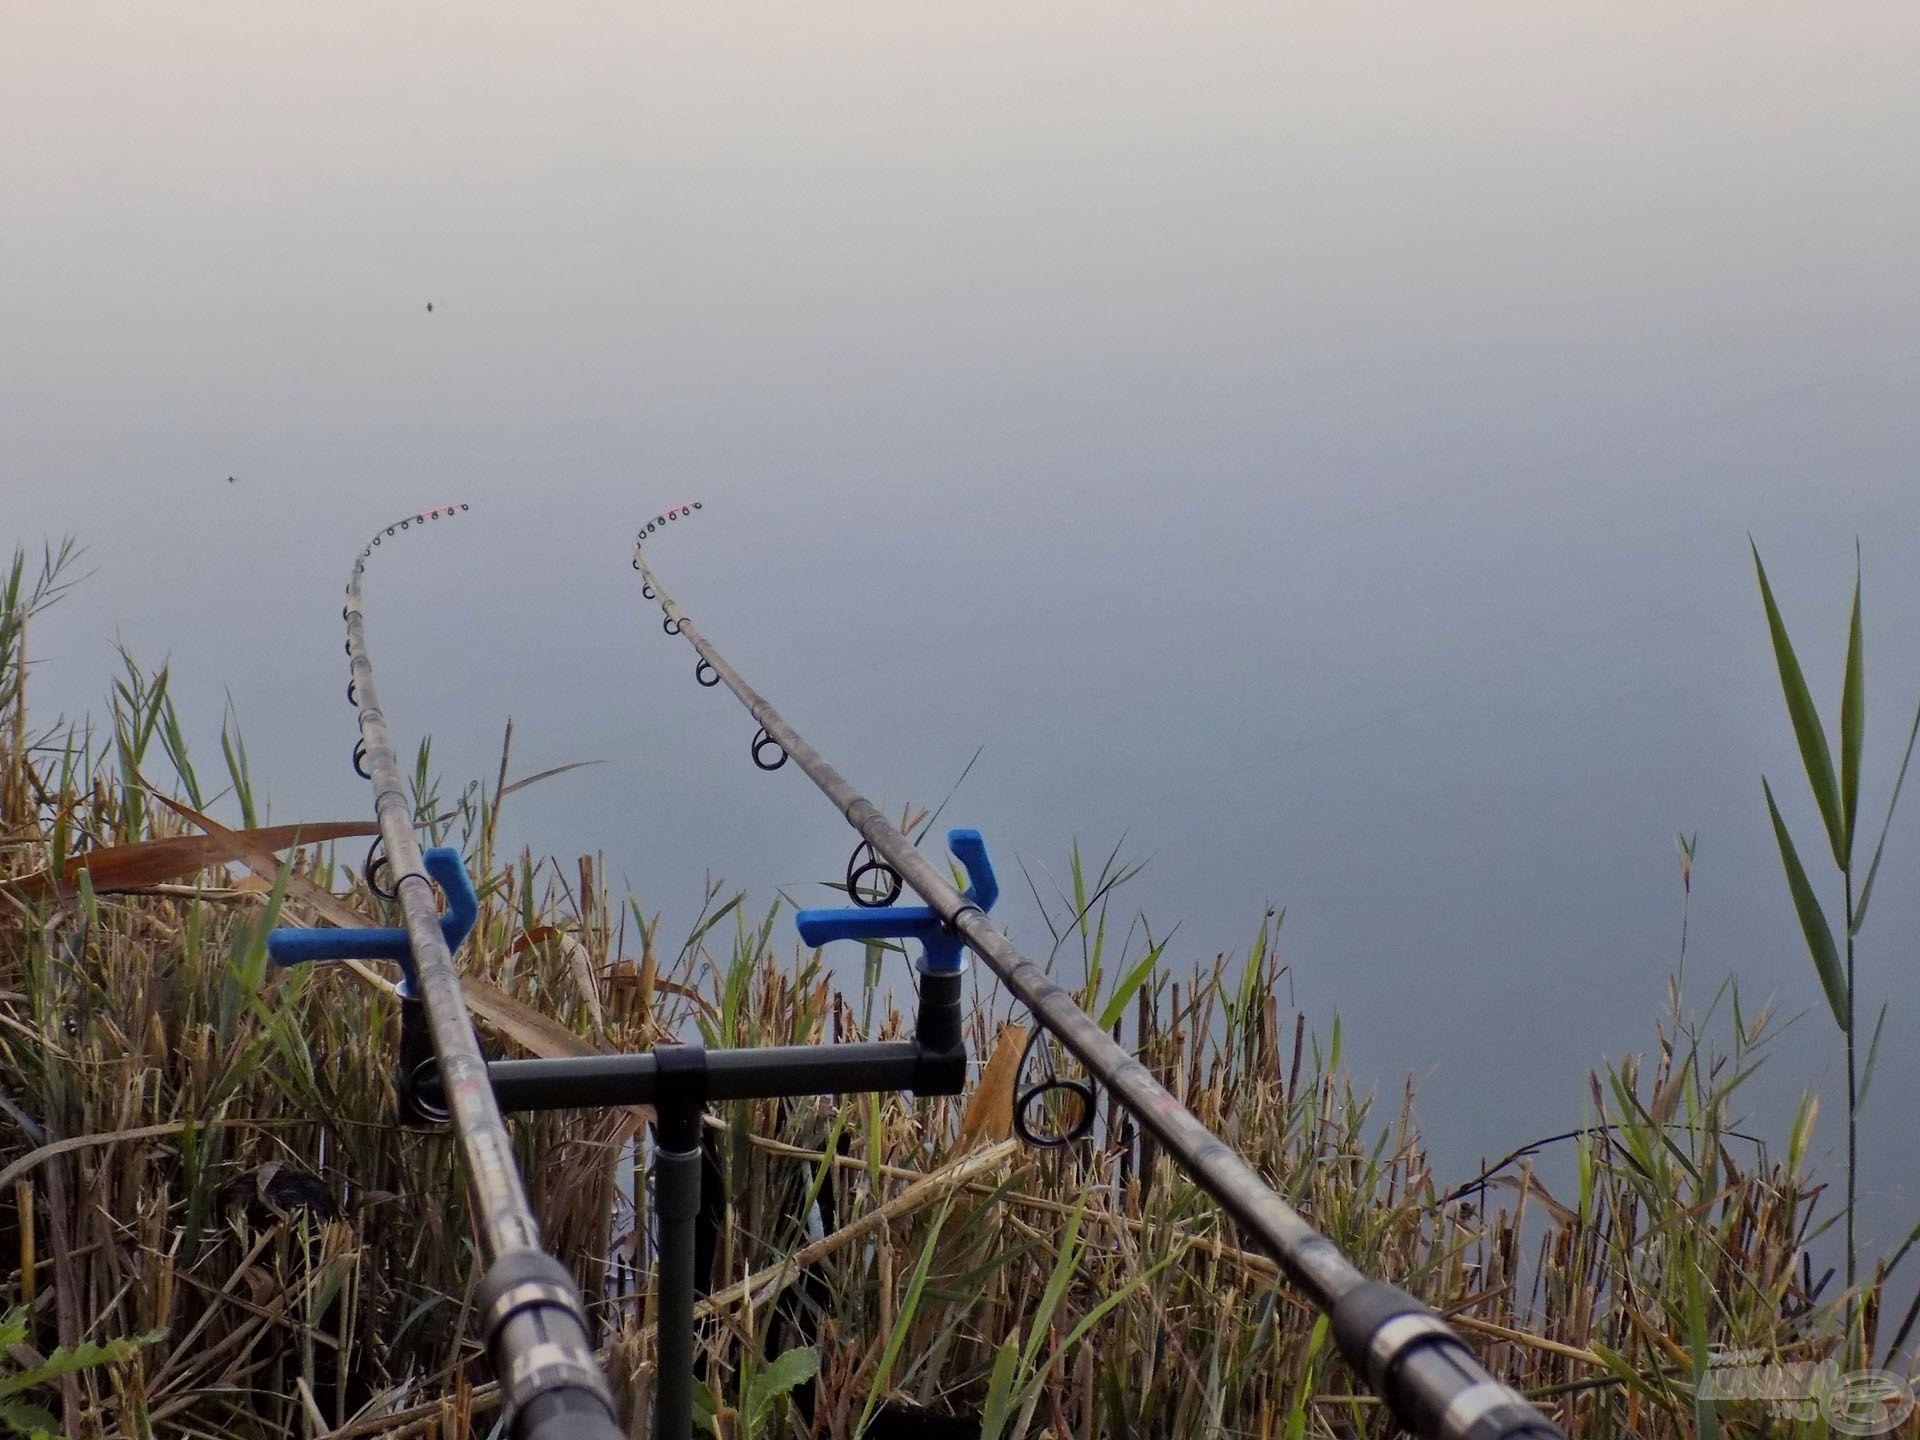 Feederbotjaim már a reggeli hidegben beélesítve várták a halak érdeklődését. A spiccek szuggerálása és a halfordulások kémlelése közben…